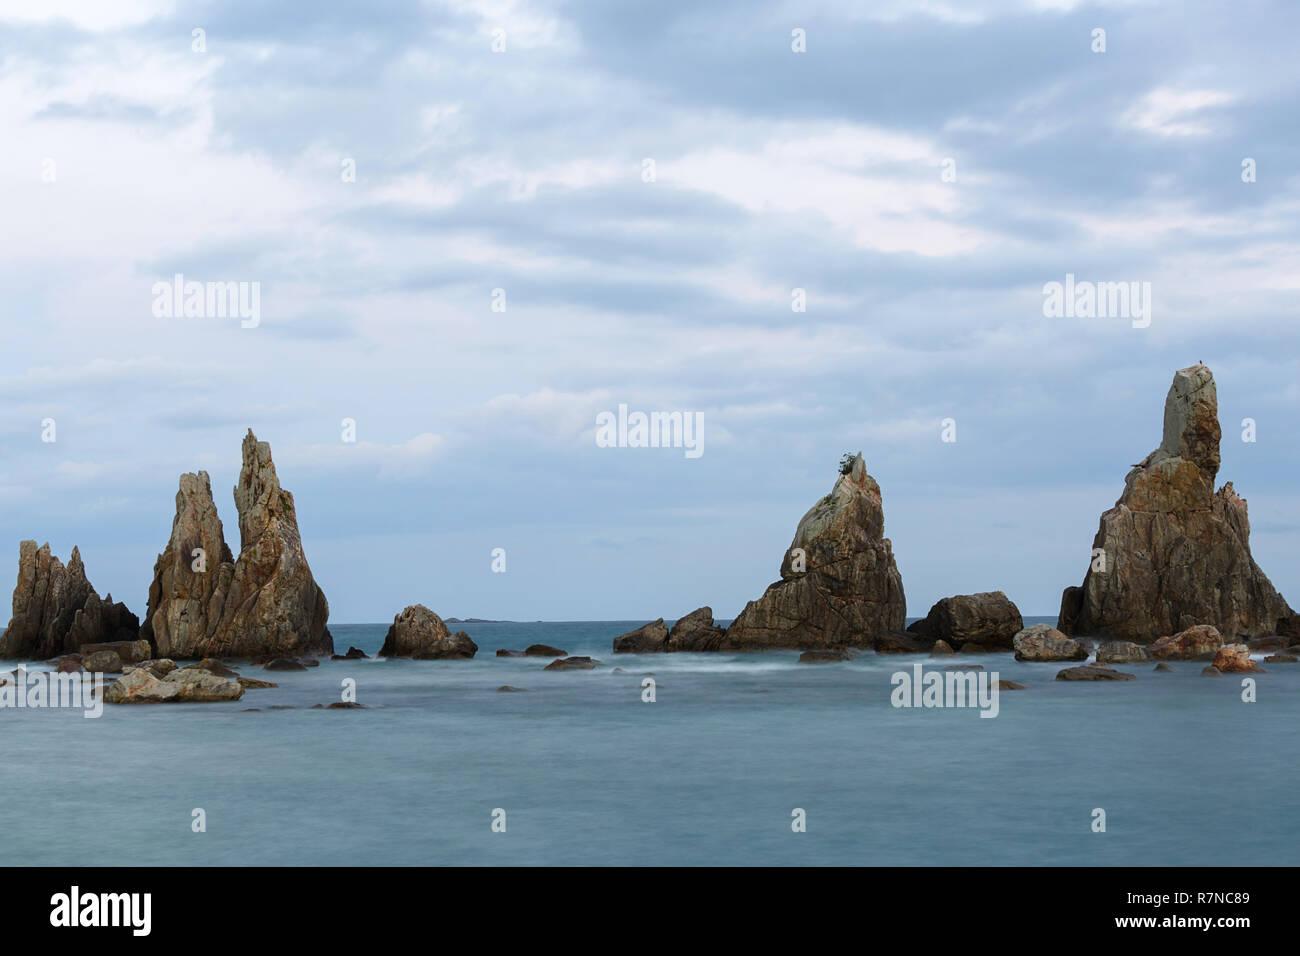 Dawn at Hashi-gui-iwa rocks coastline, Kushimoto, Wakayama Prefecture, Japan. - Stock Image